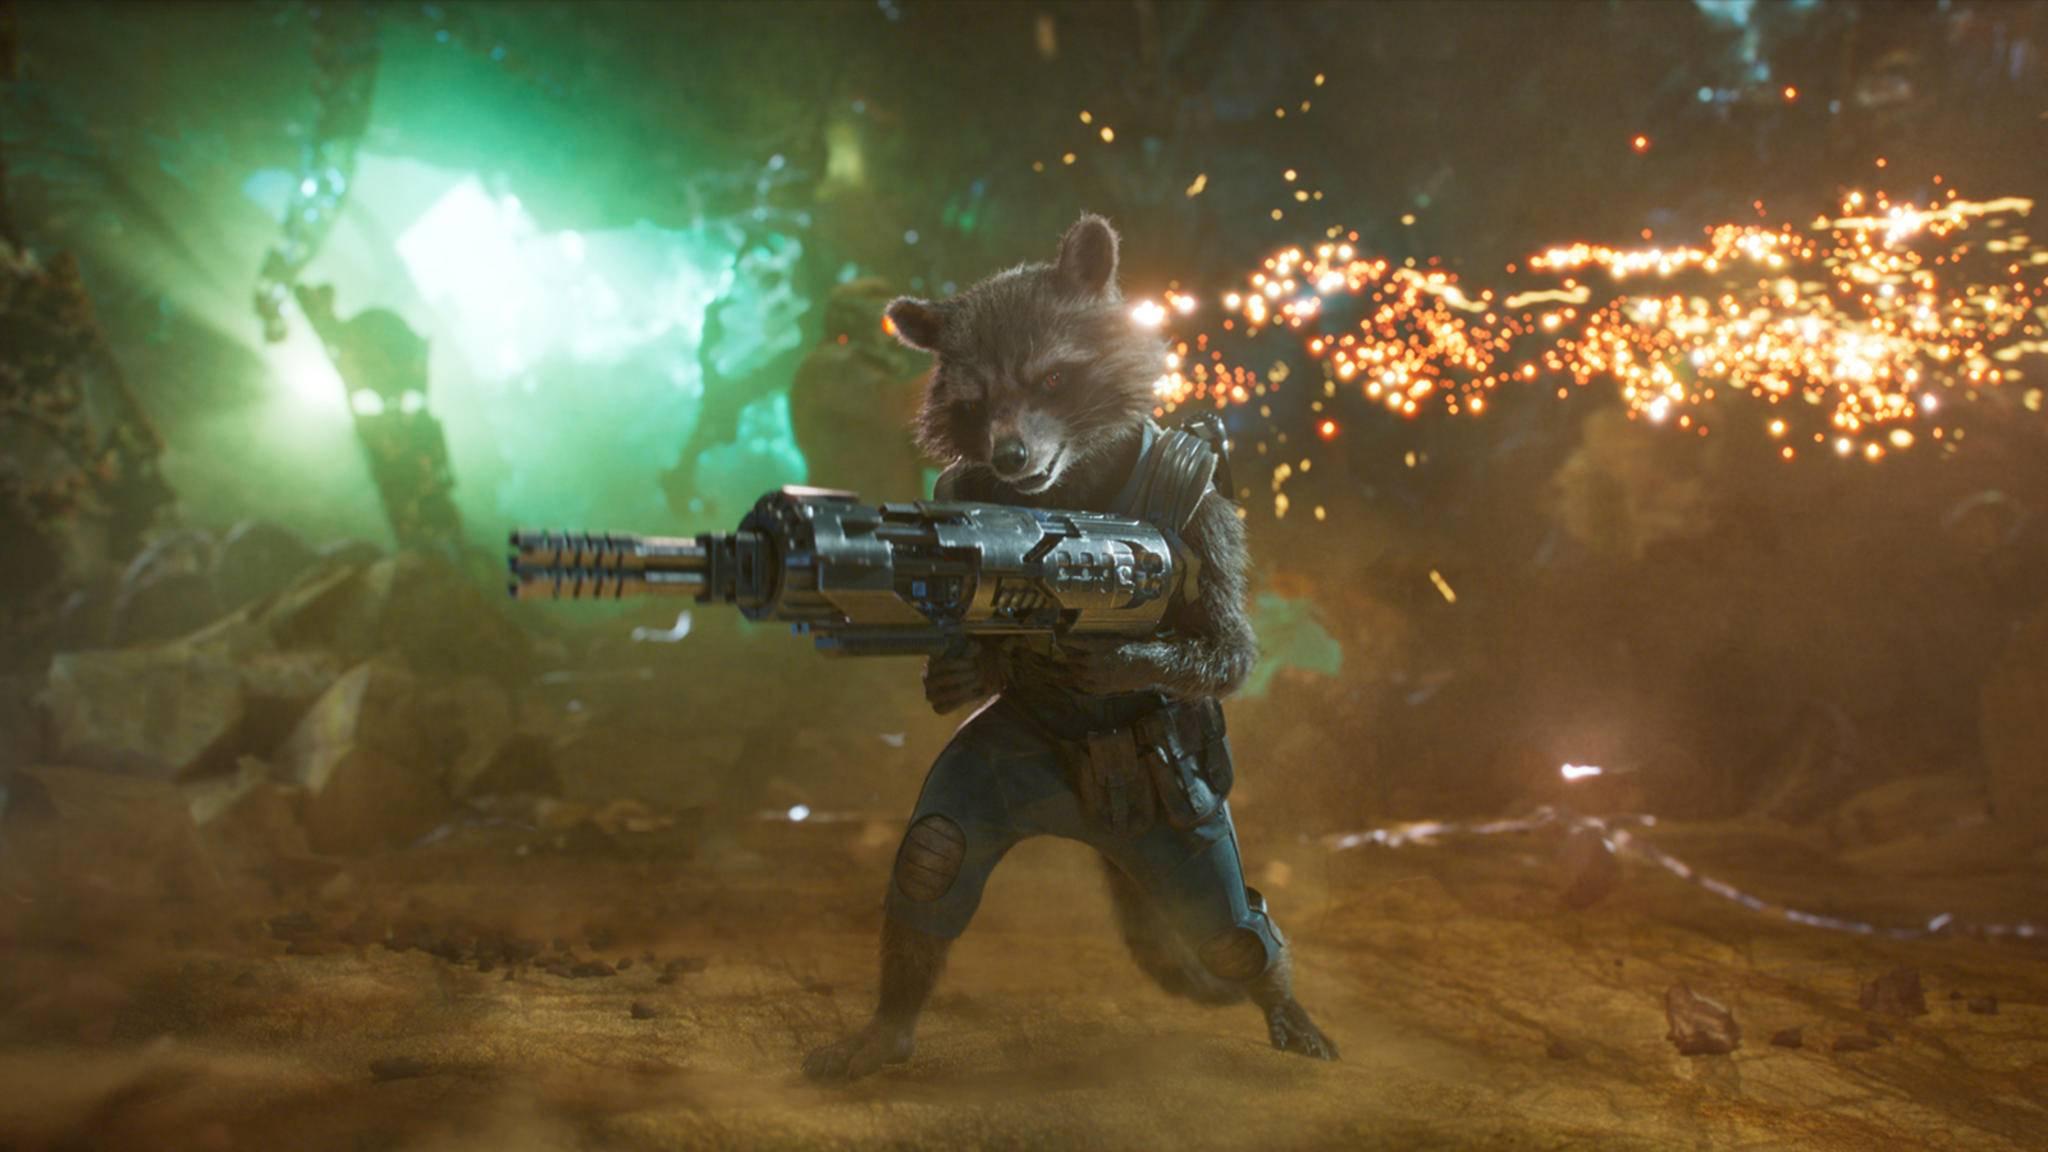 Klein aber alles andere als ein Kuscheltier: Waschbär Rocket setzt seinen Gegnern gnadenlos zu.